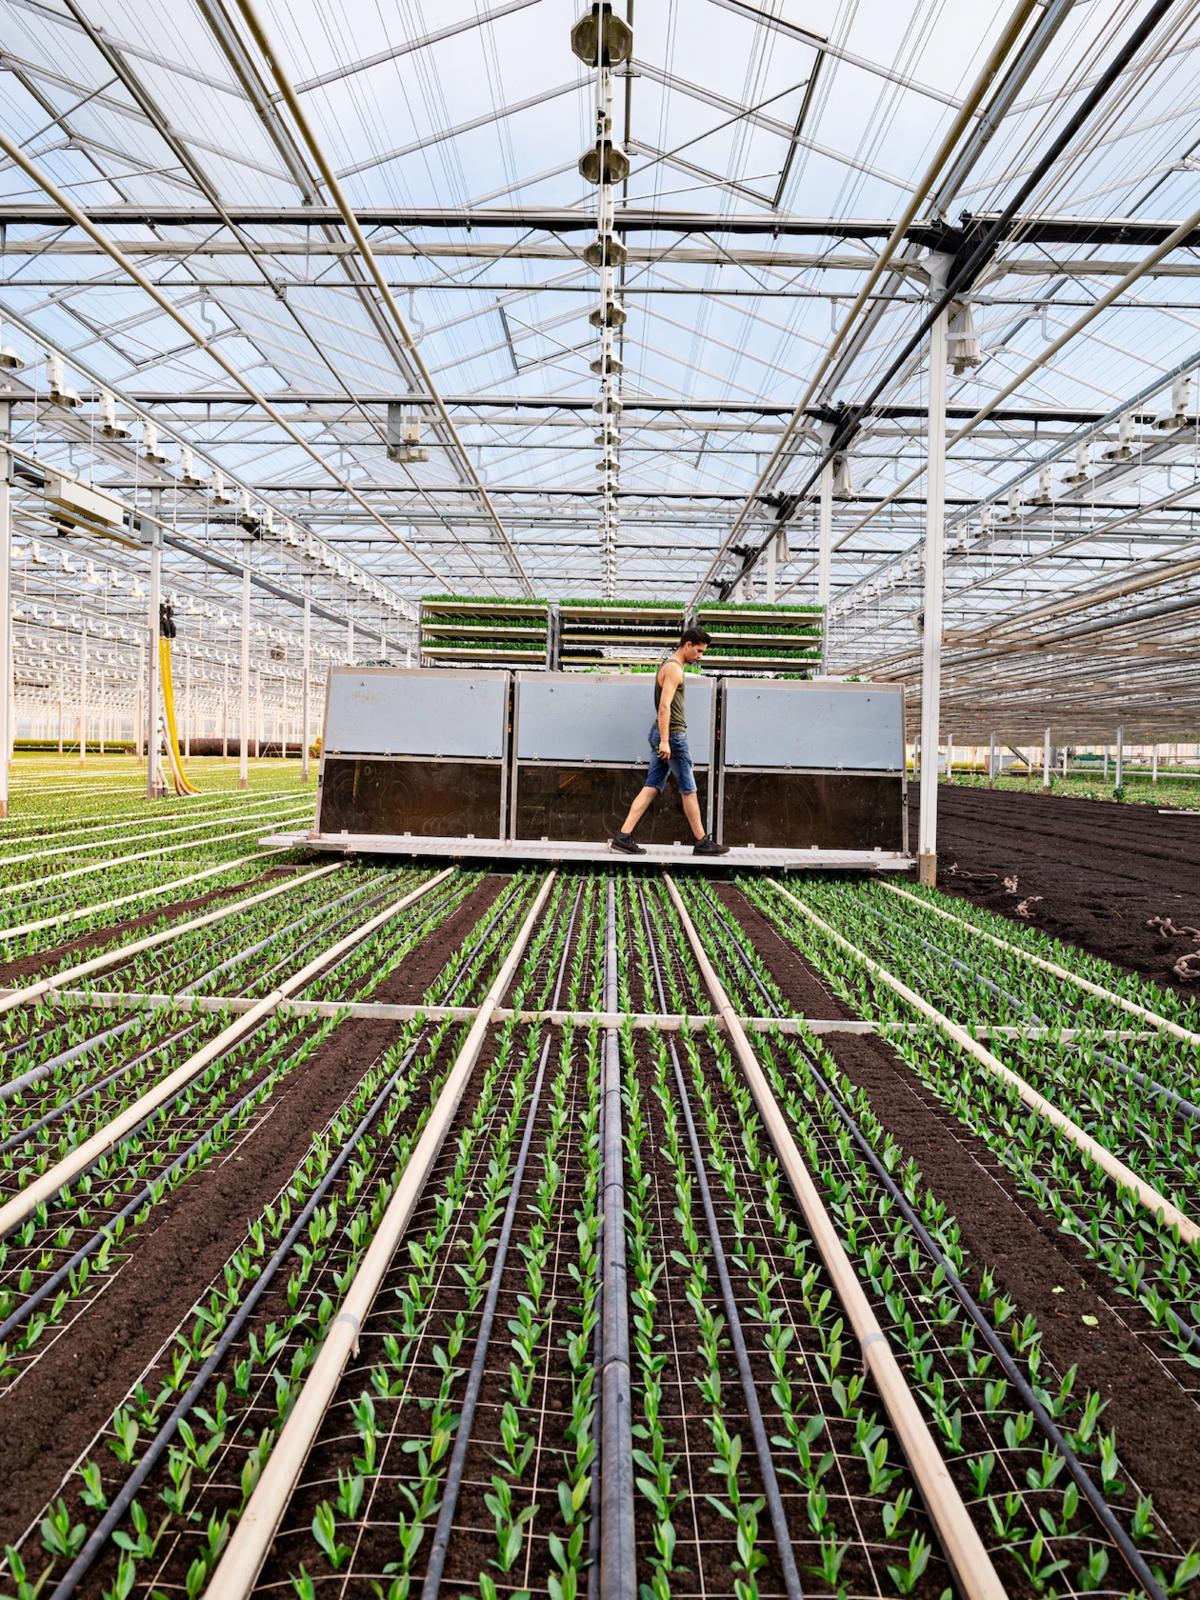 Tại vườn ươm Waalzicht ở Poederoijen, Netherlands, 3 con robot này do tập đoàn ISO chế tạo mỗi giờ trồng được 18.000 gốc hoa vừa đâm chồi, được giám sát chỉ với một công nhân con người.